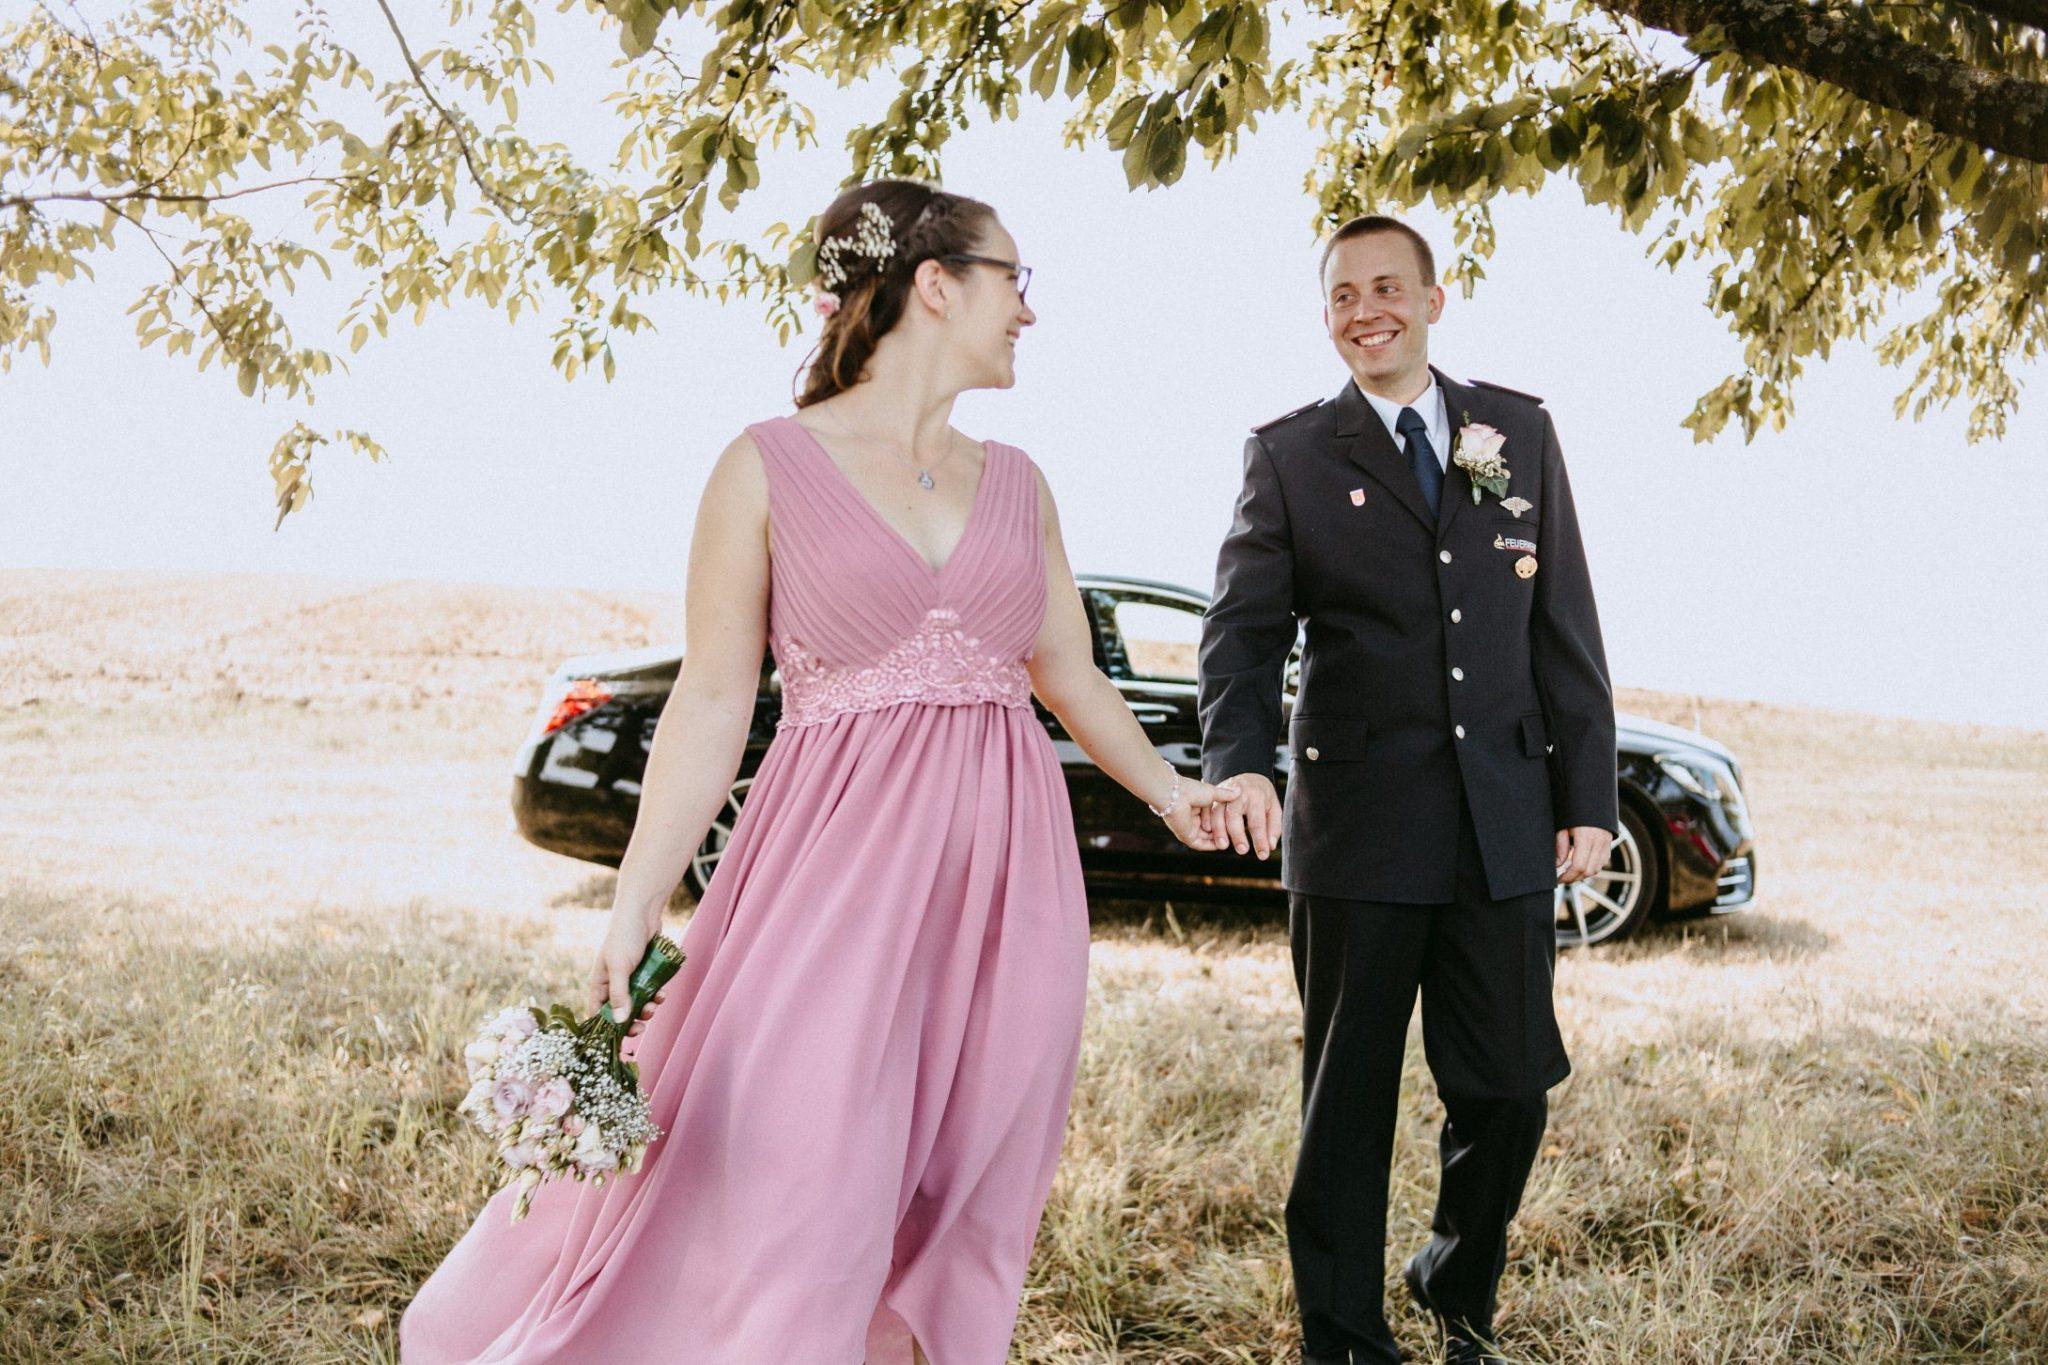 Rebekka und Alexander beim Brautpaarshooting, sie trägt ein wundervolles Rosa Kleid, im Hintergrund glänzt die Mercedes S-Klasse in schwarz